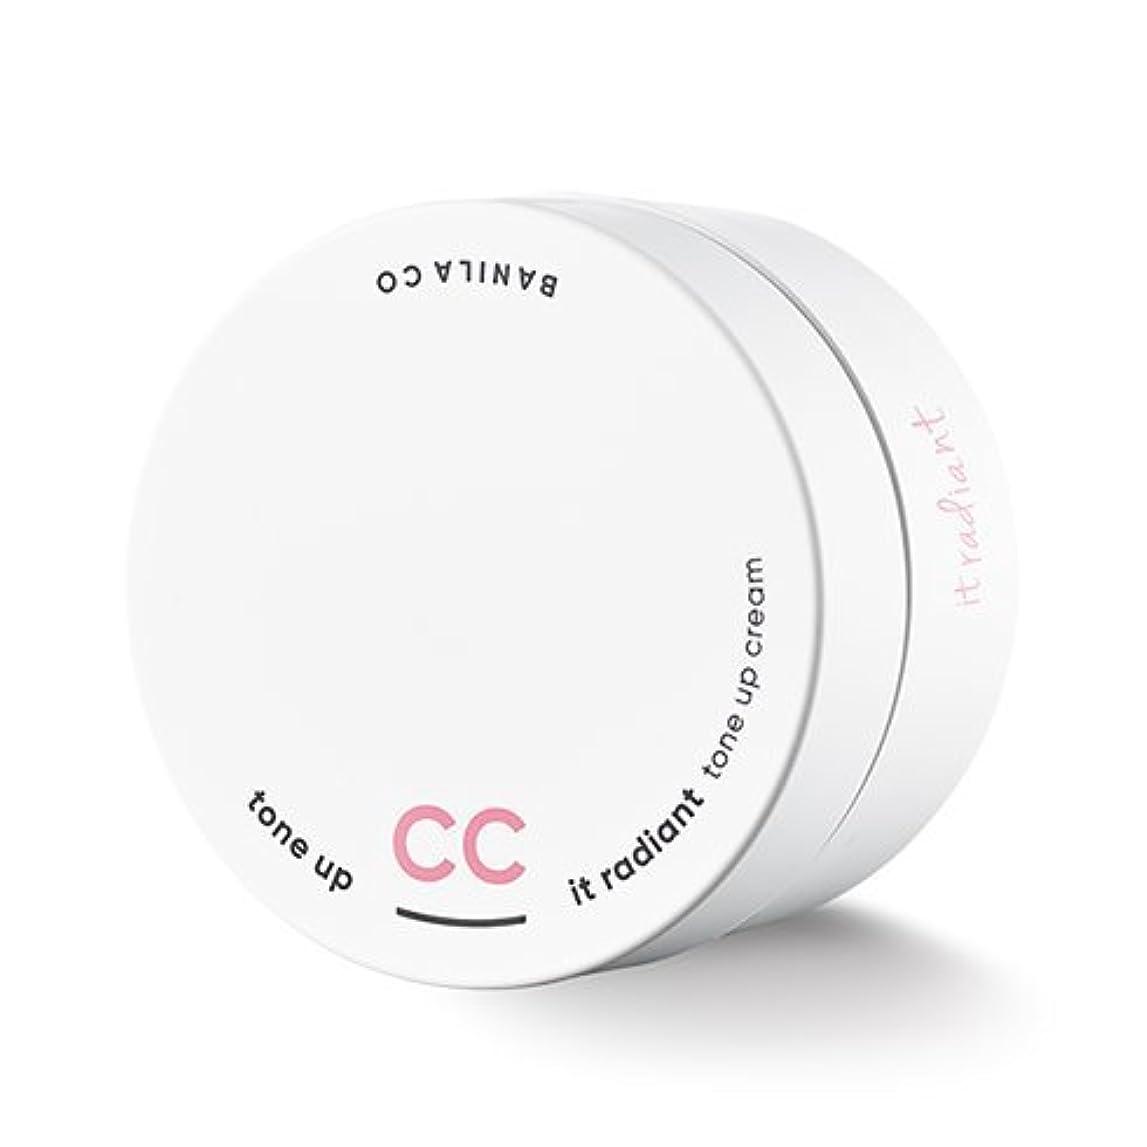 衣類マナーシリーズBANILA CO It Radiant CC Tone Up Cream 50ml/バニラコ イット ラディアント CC トーンアップ クリーム 50ml [並行輸入品]